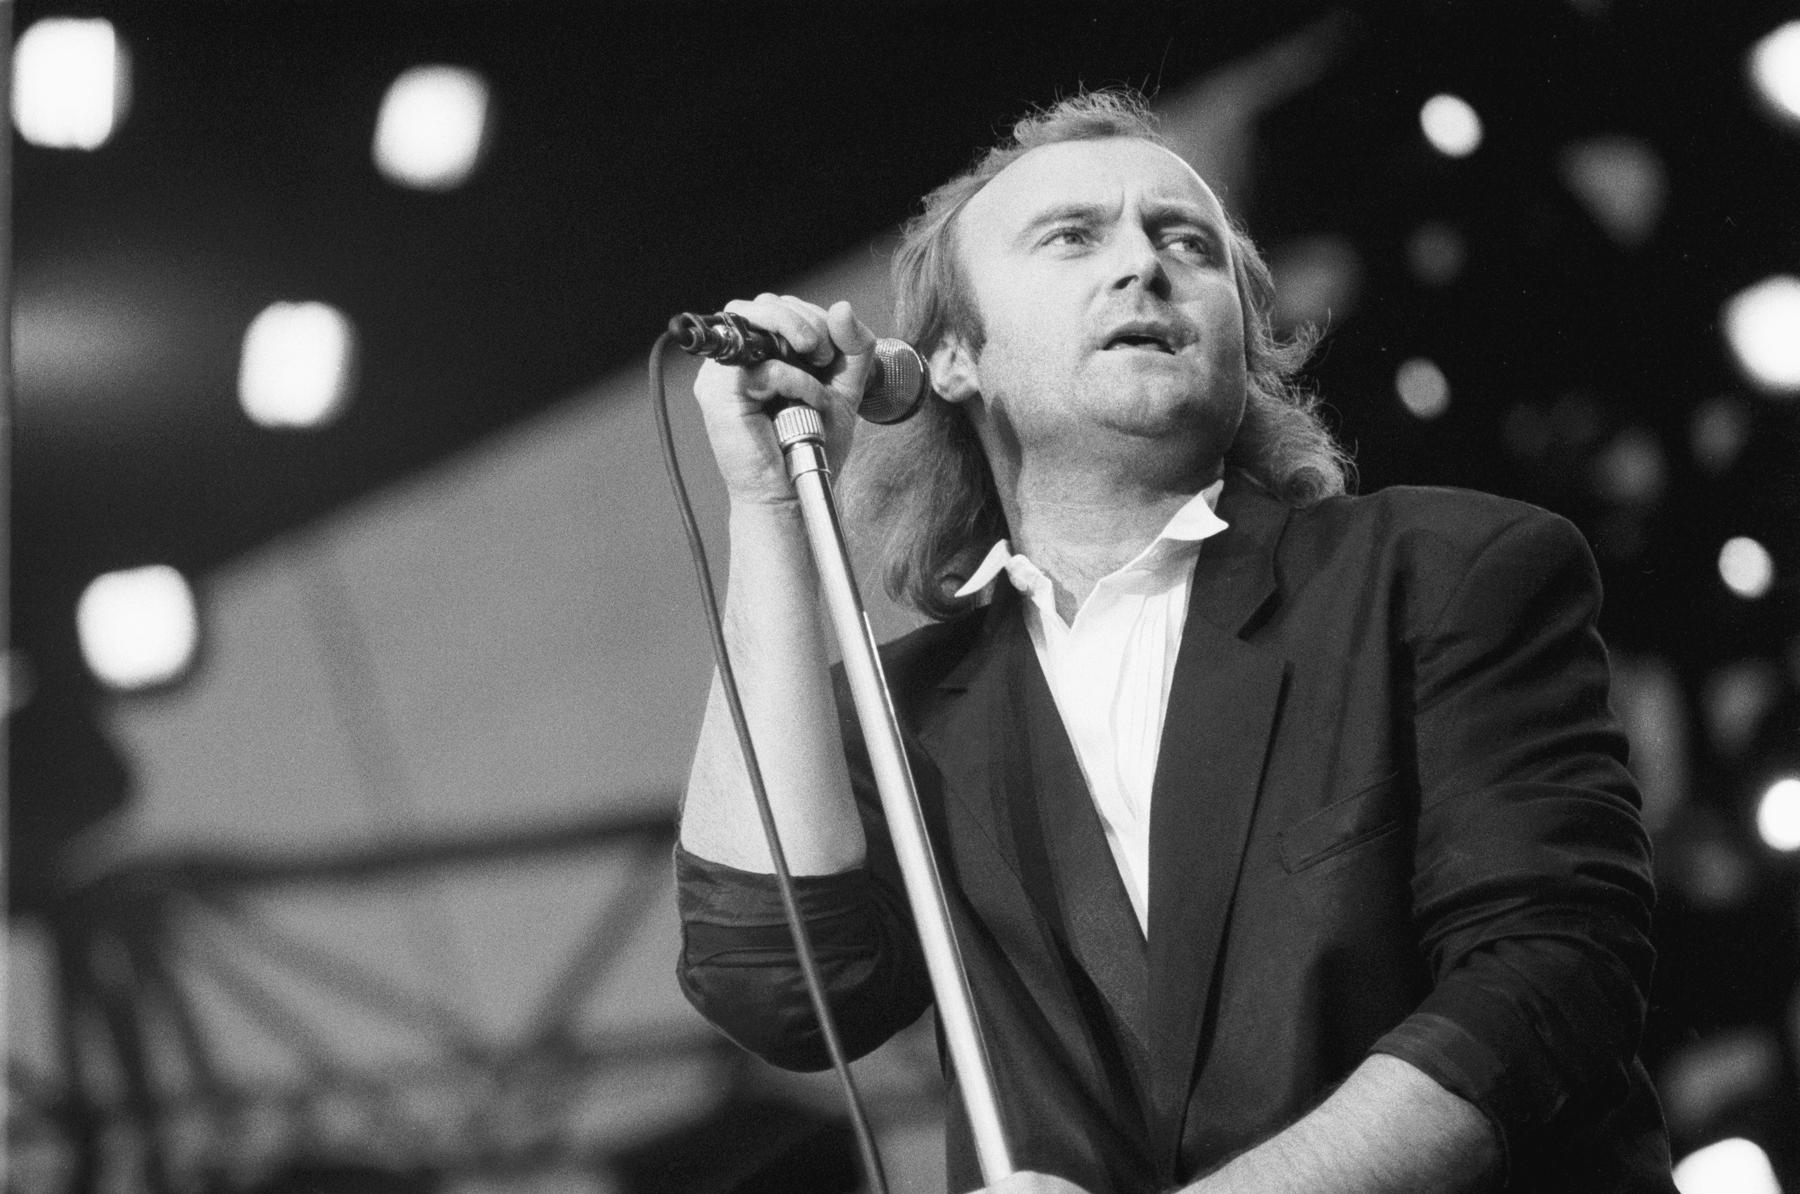 Phil Collins 80s ile ilgili görsel sonucu